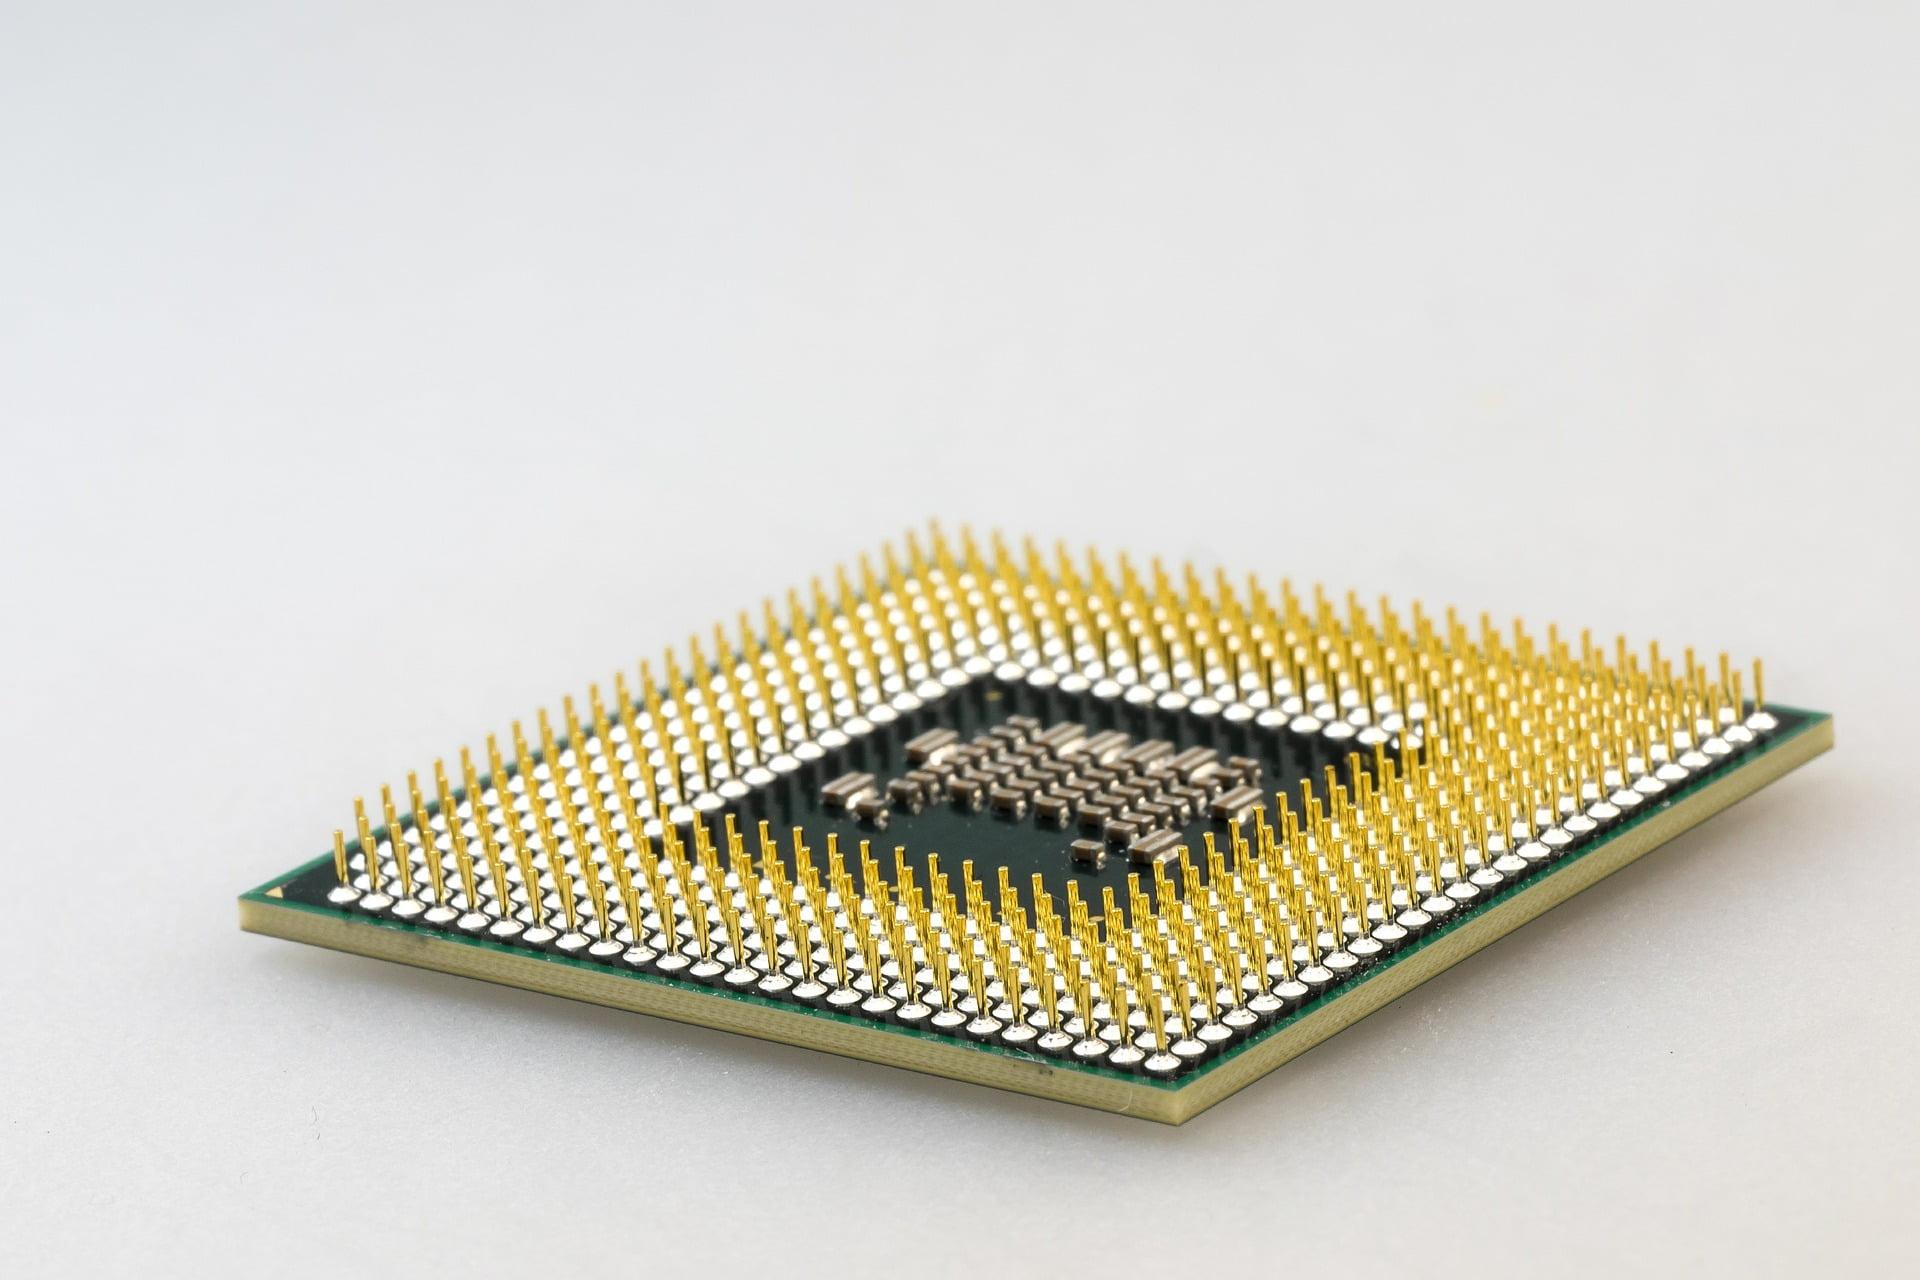 puce-informatique Qu'est-ce que le graphène et pourquoi ce matériau va révolutionner la technologie ?